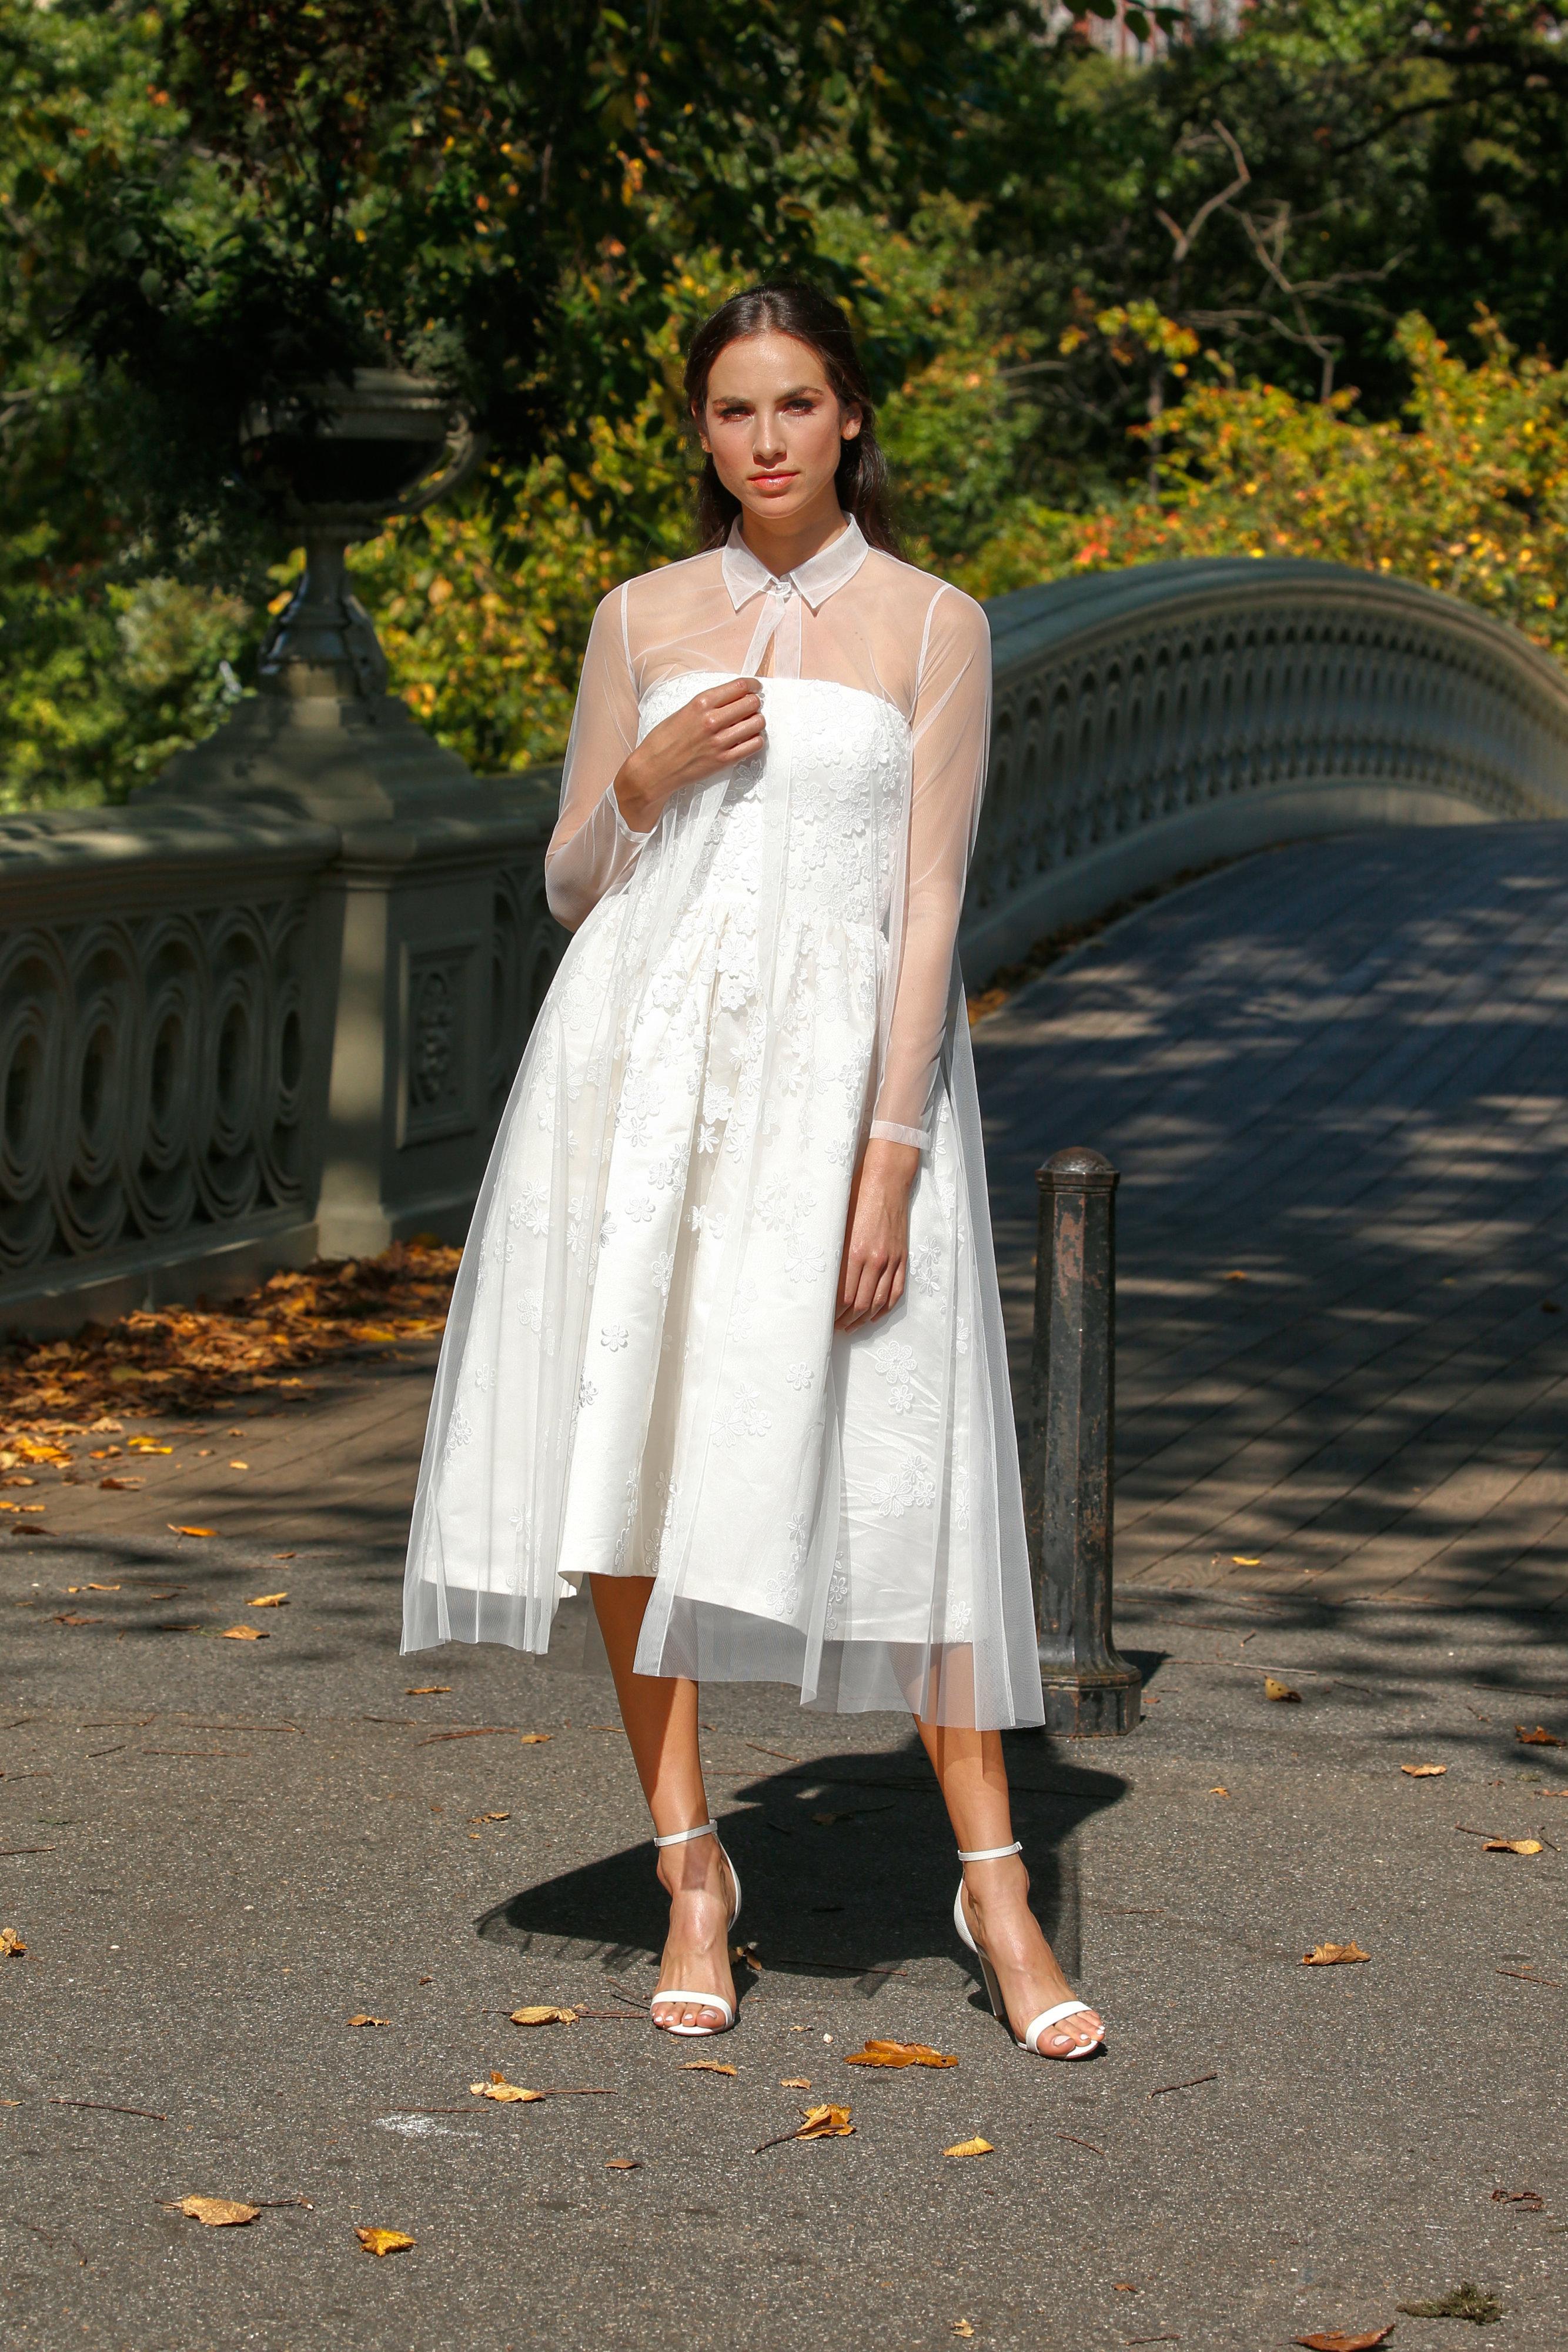 elopement-chic-dresses